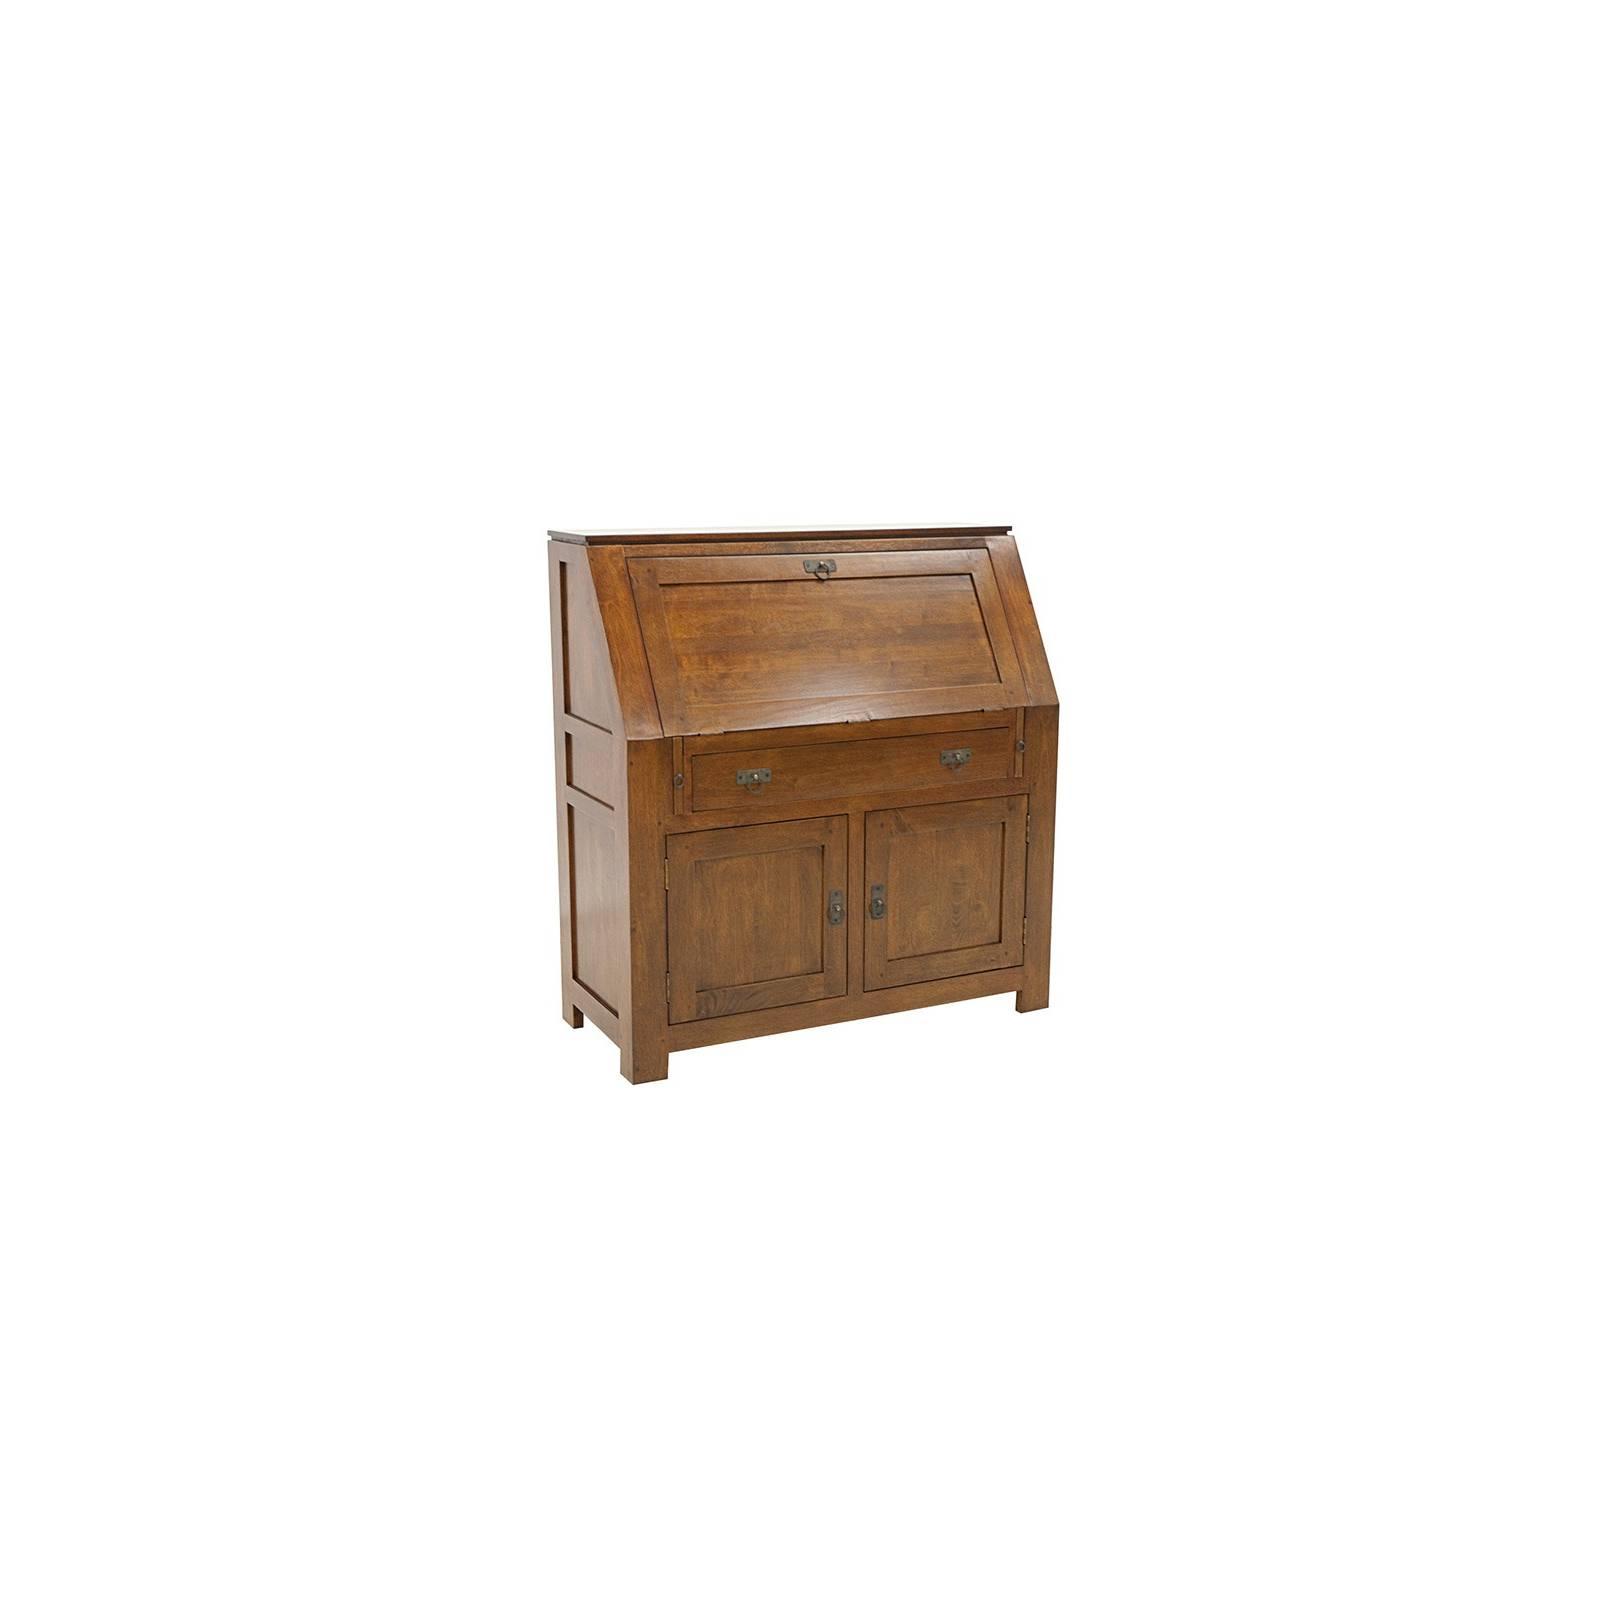 secr taire haut de gamme achat de bureau collection montr al. Black Bedroom Furniture Sets. Home Design Ideas